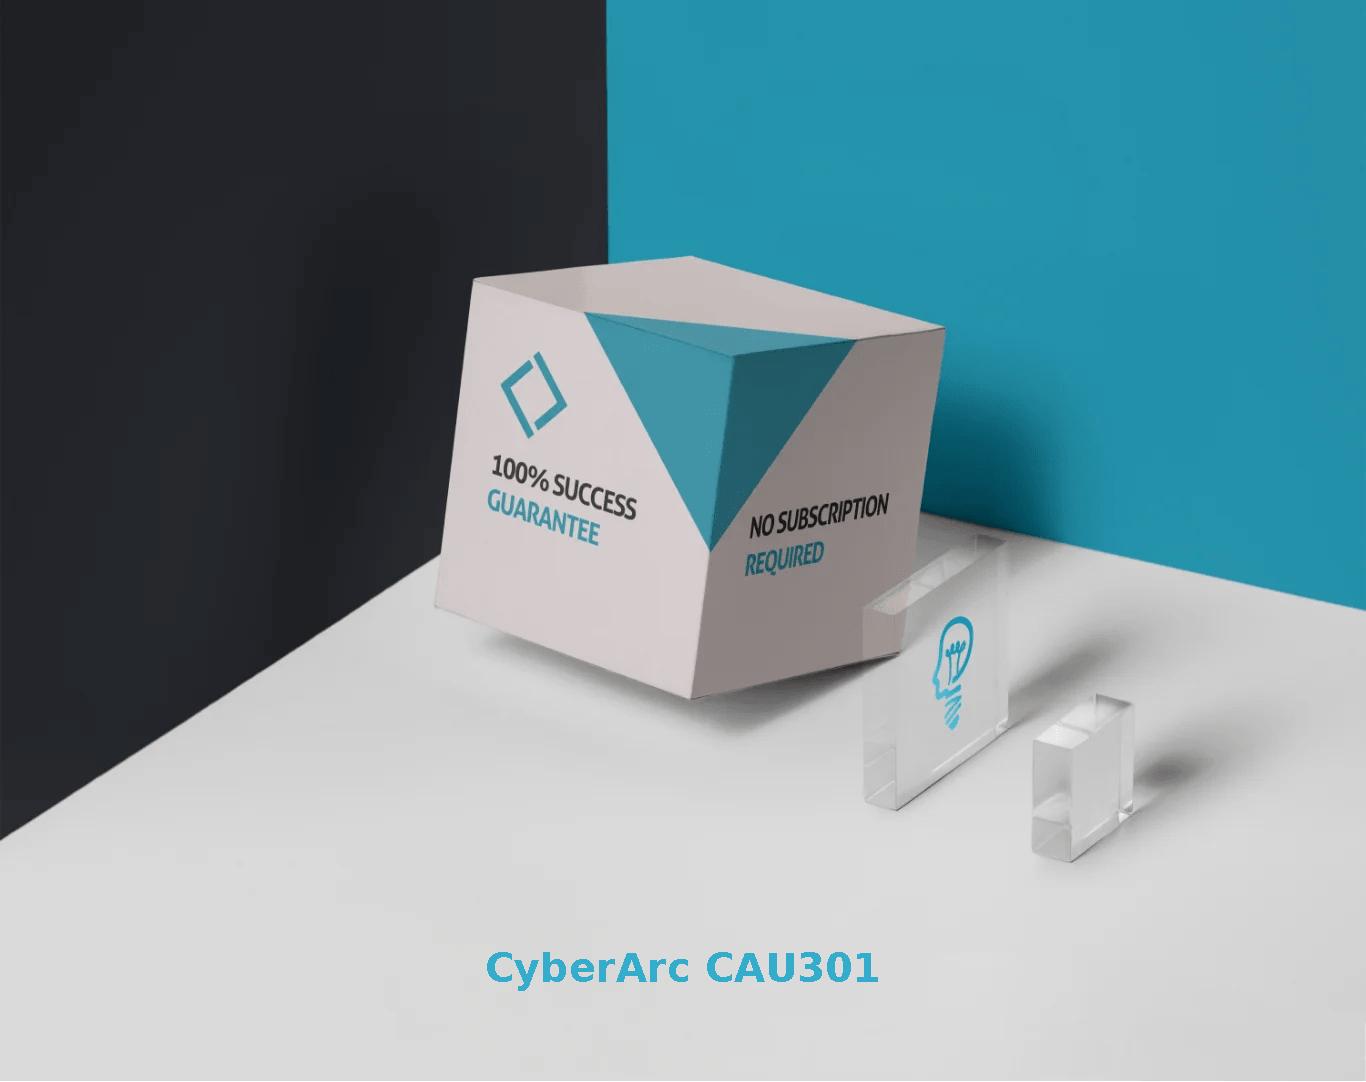 CyberArc CAU301 Exams